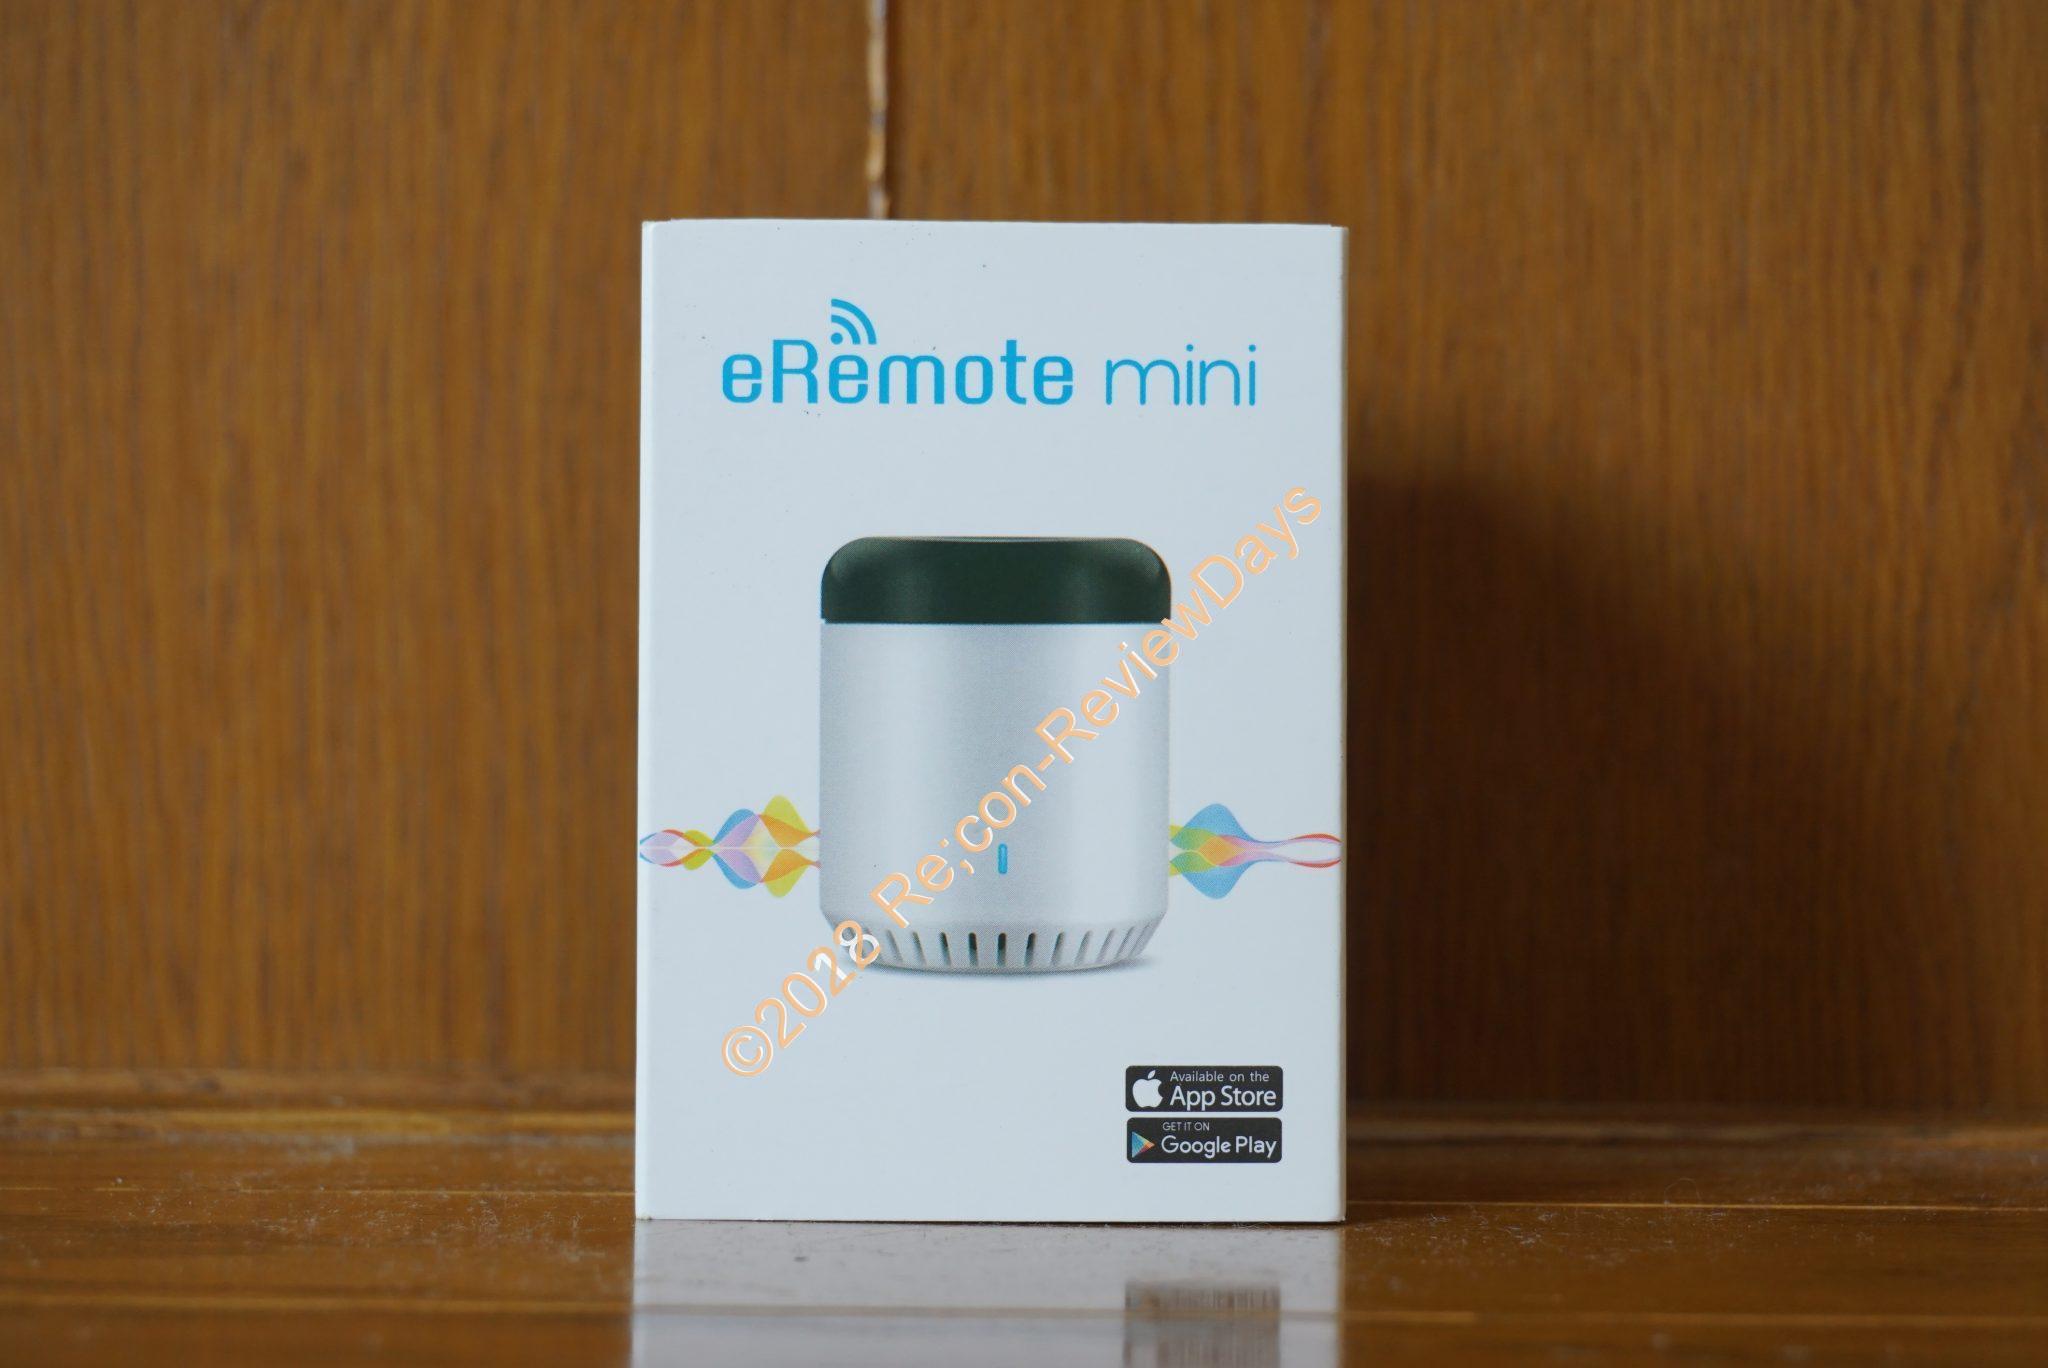 LinkJapan eRemote mini IoTリモコンがAmazonでほぼ半額の3,980円だったので購入してみた #Amazon #LinkJapan #eRemote #IoT